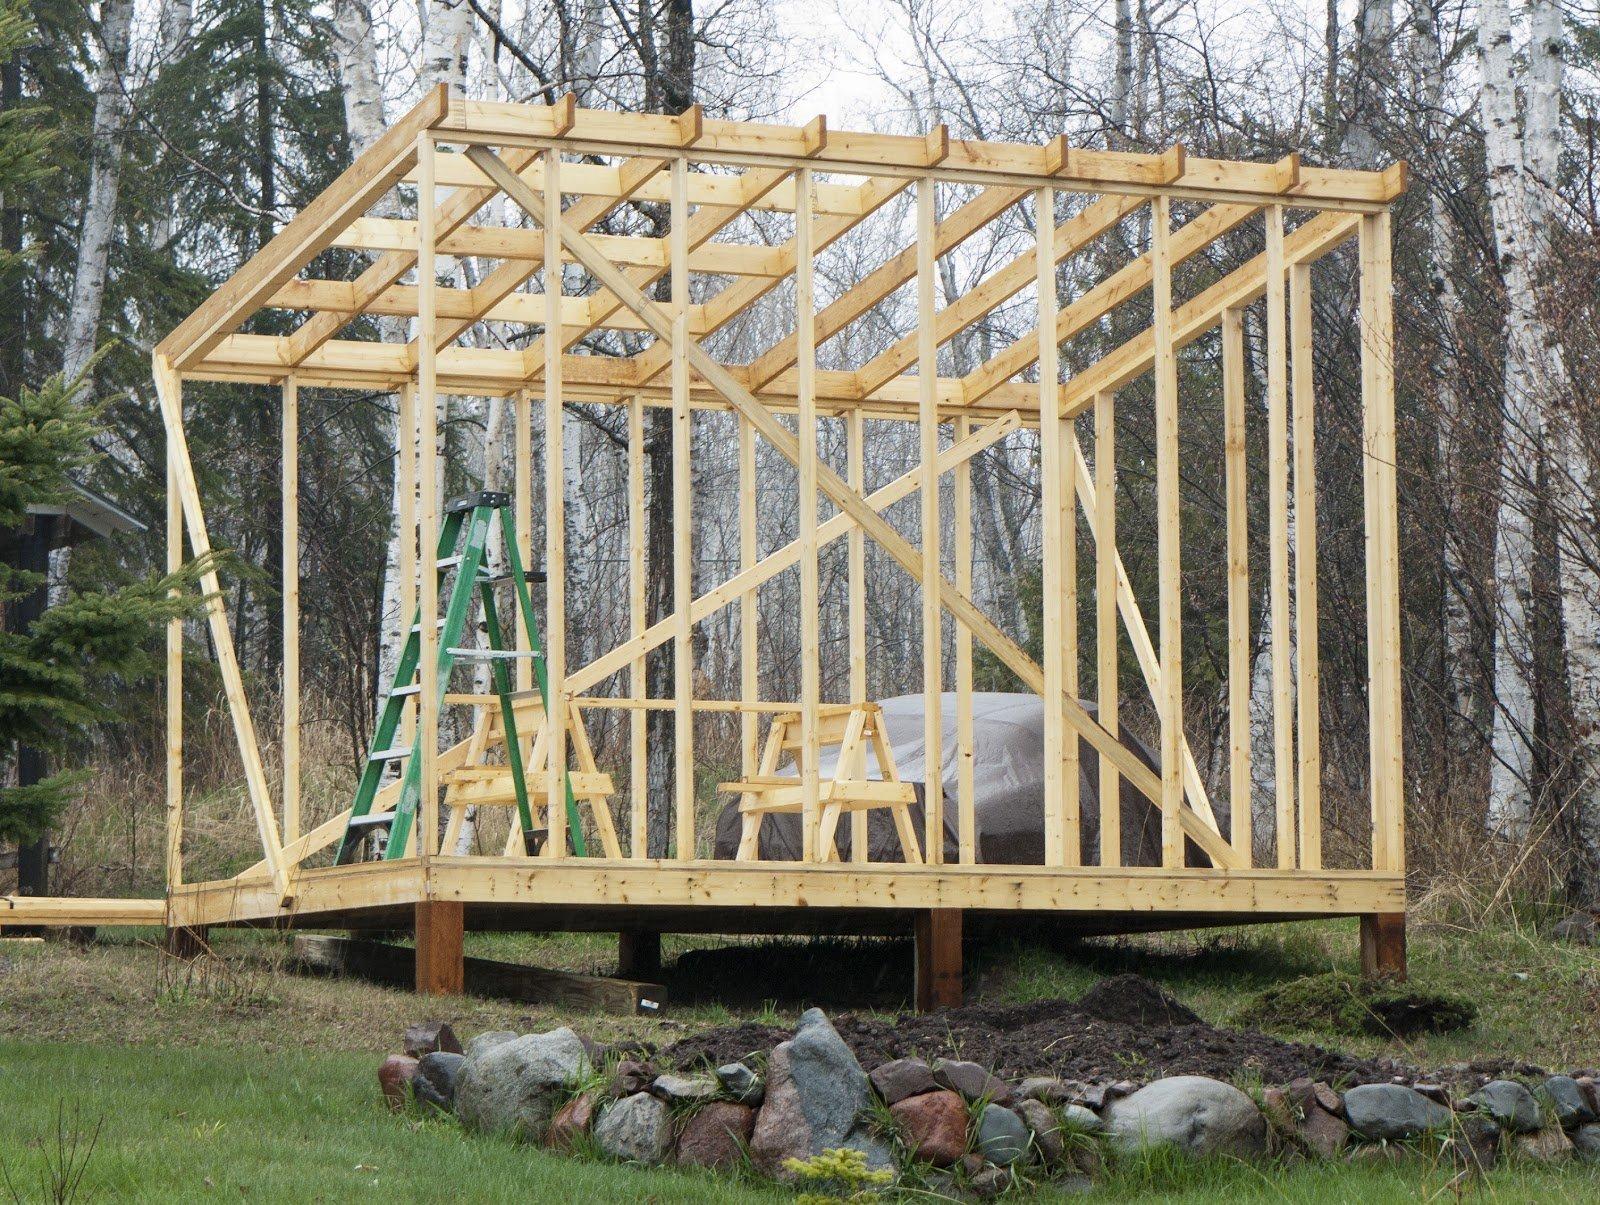 Сарай (75 фото): что это такое и из чего построить новый на приусадебном участке, ремонт старой хозпостройки, как сделать хозяйственную постройку